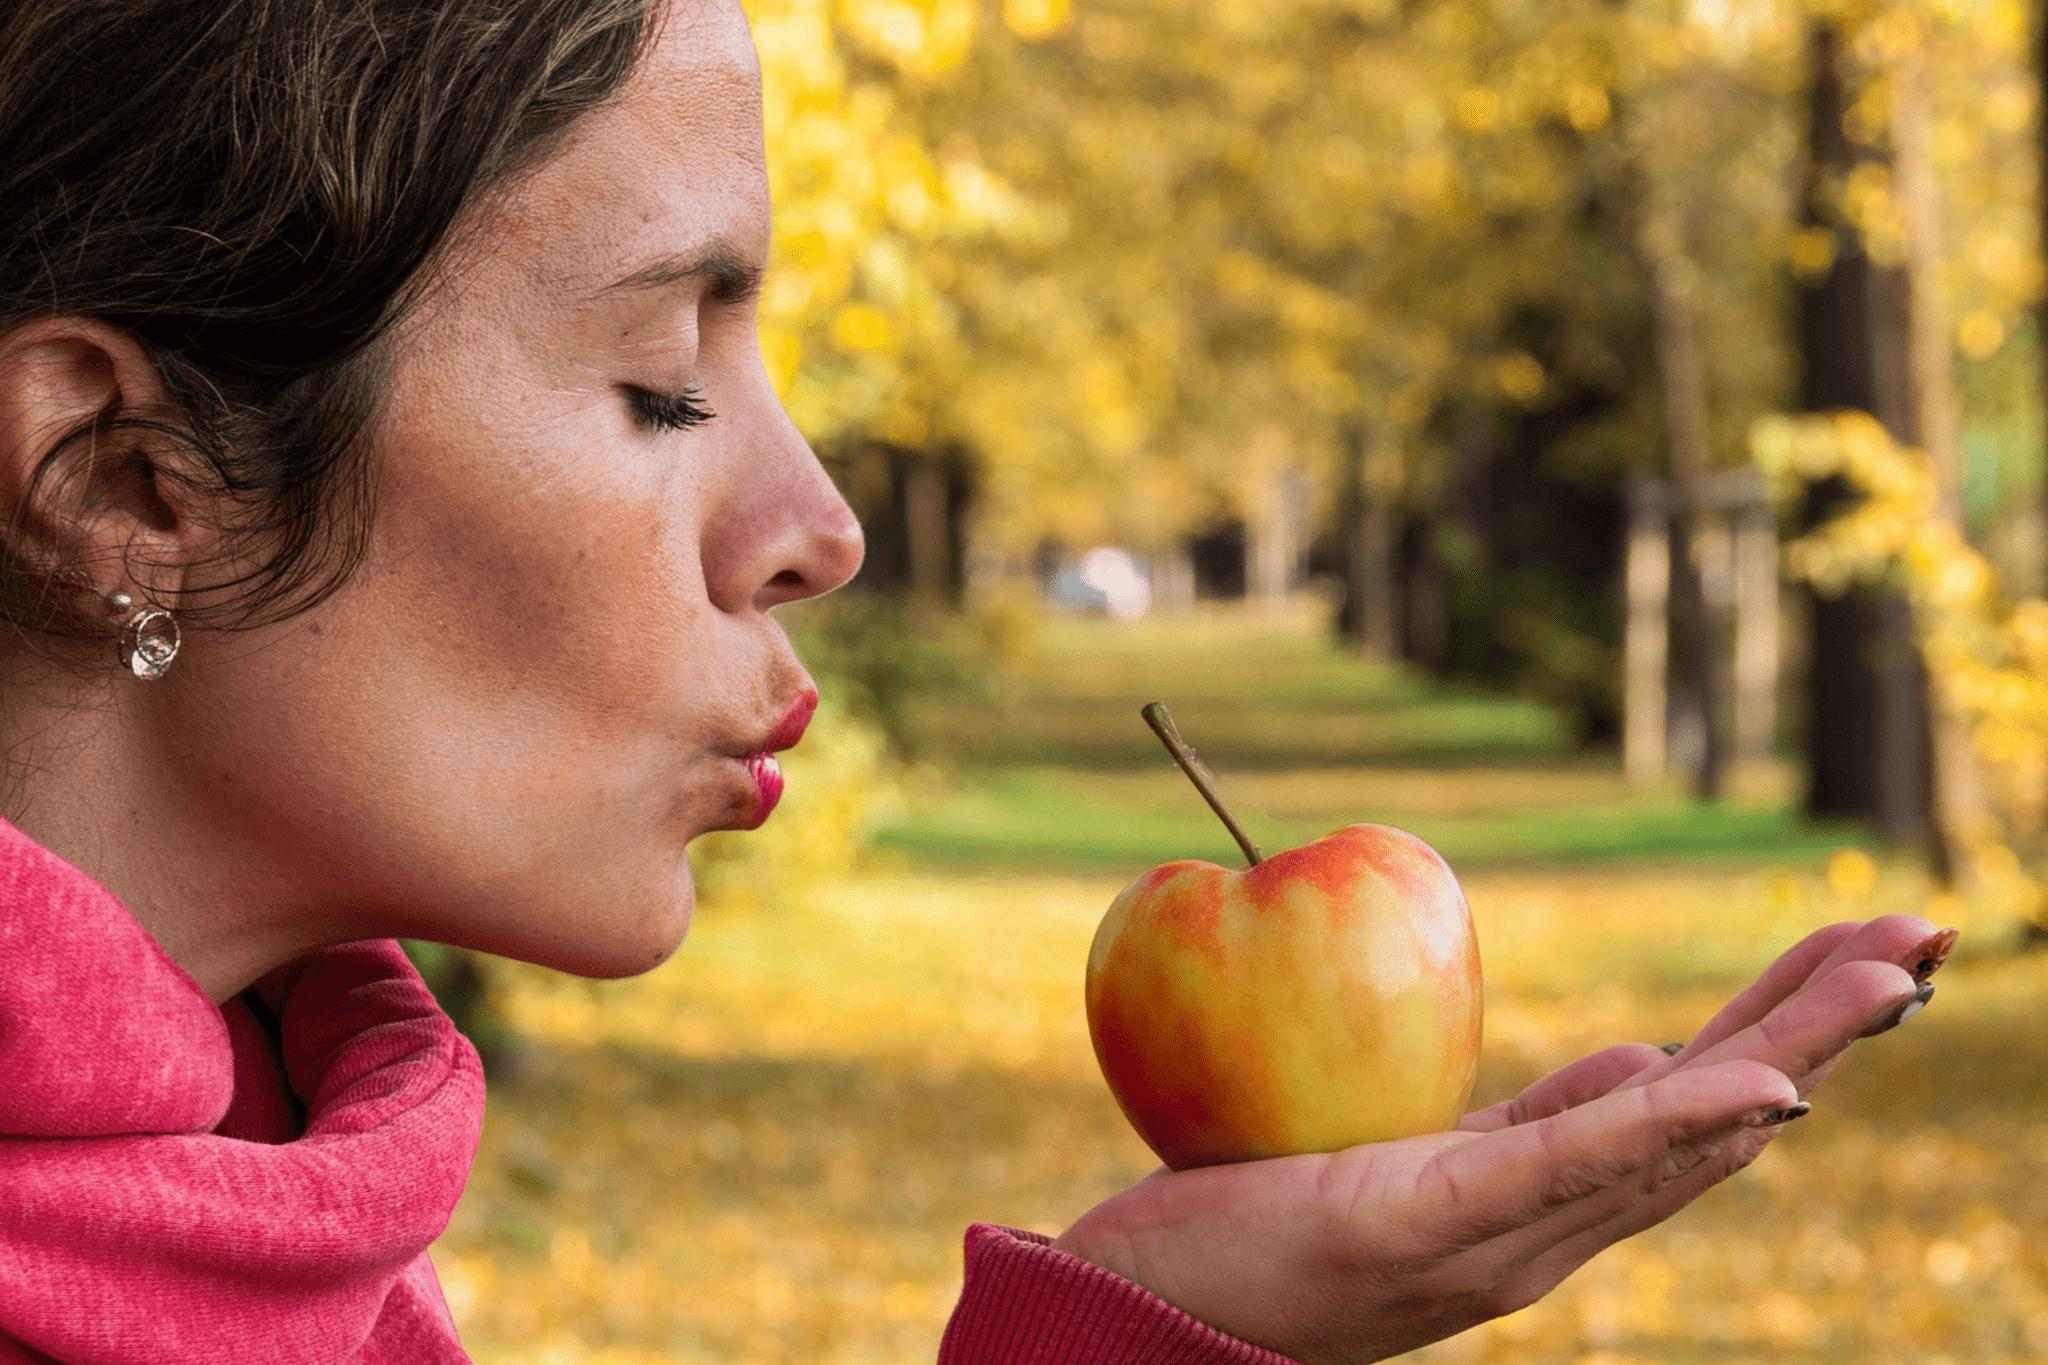 Mujer Invierno - Alimentarse Sano